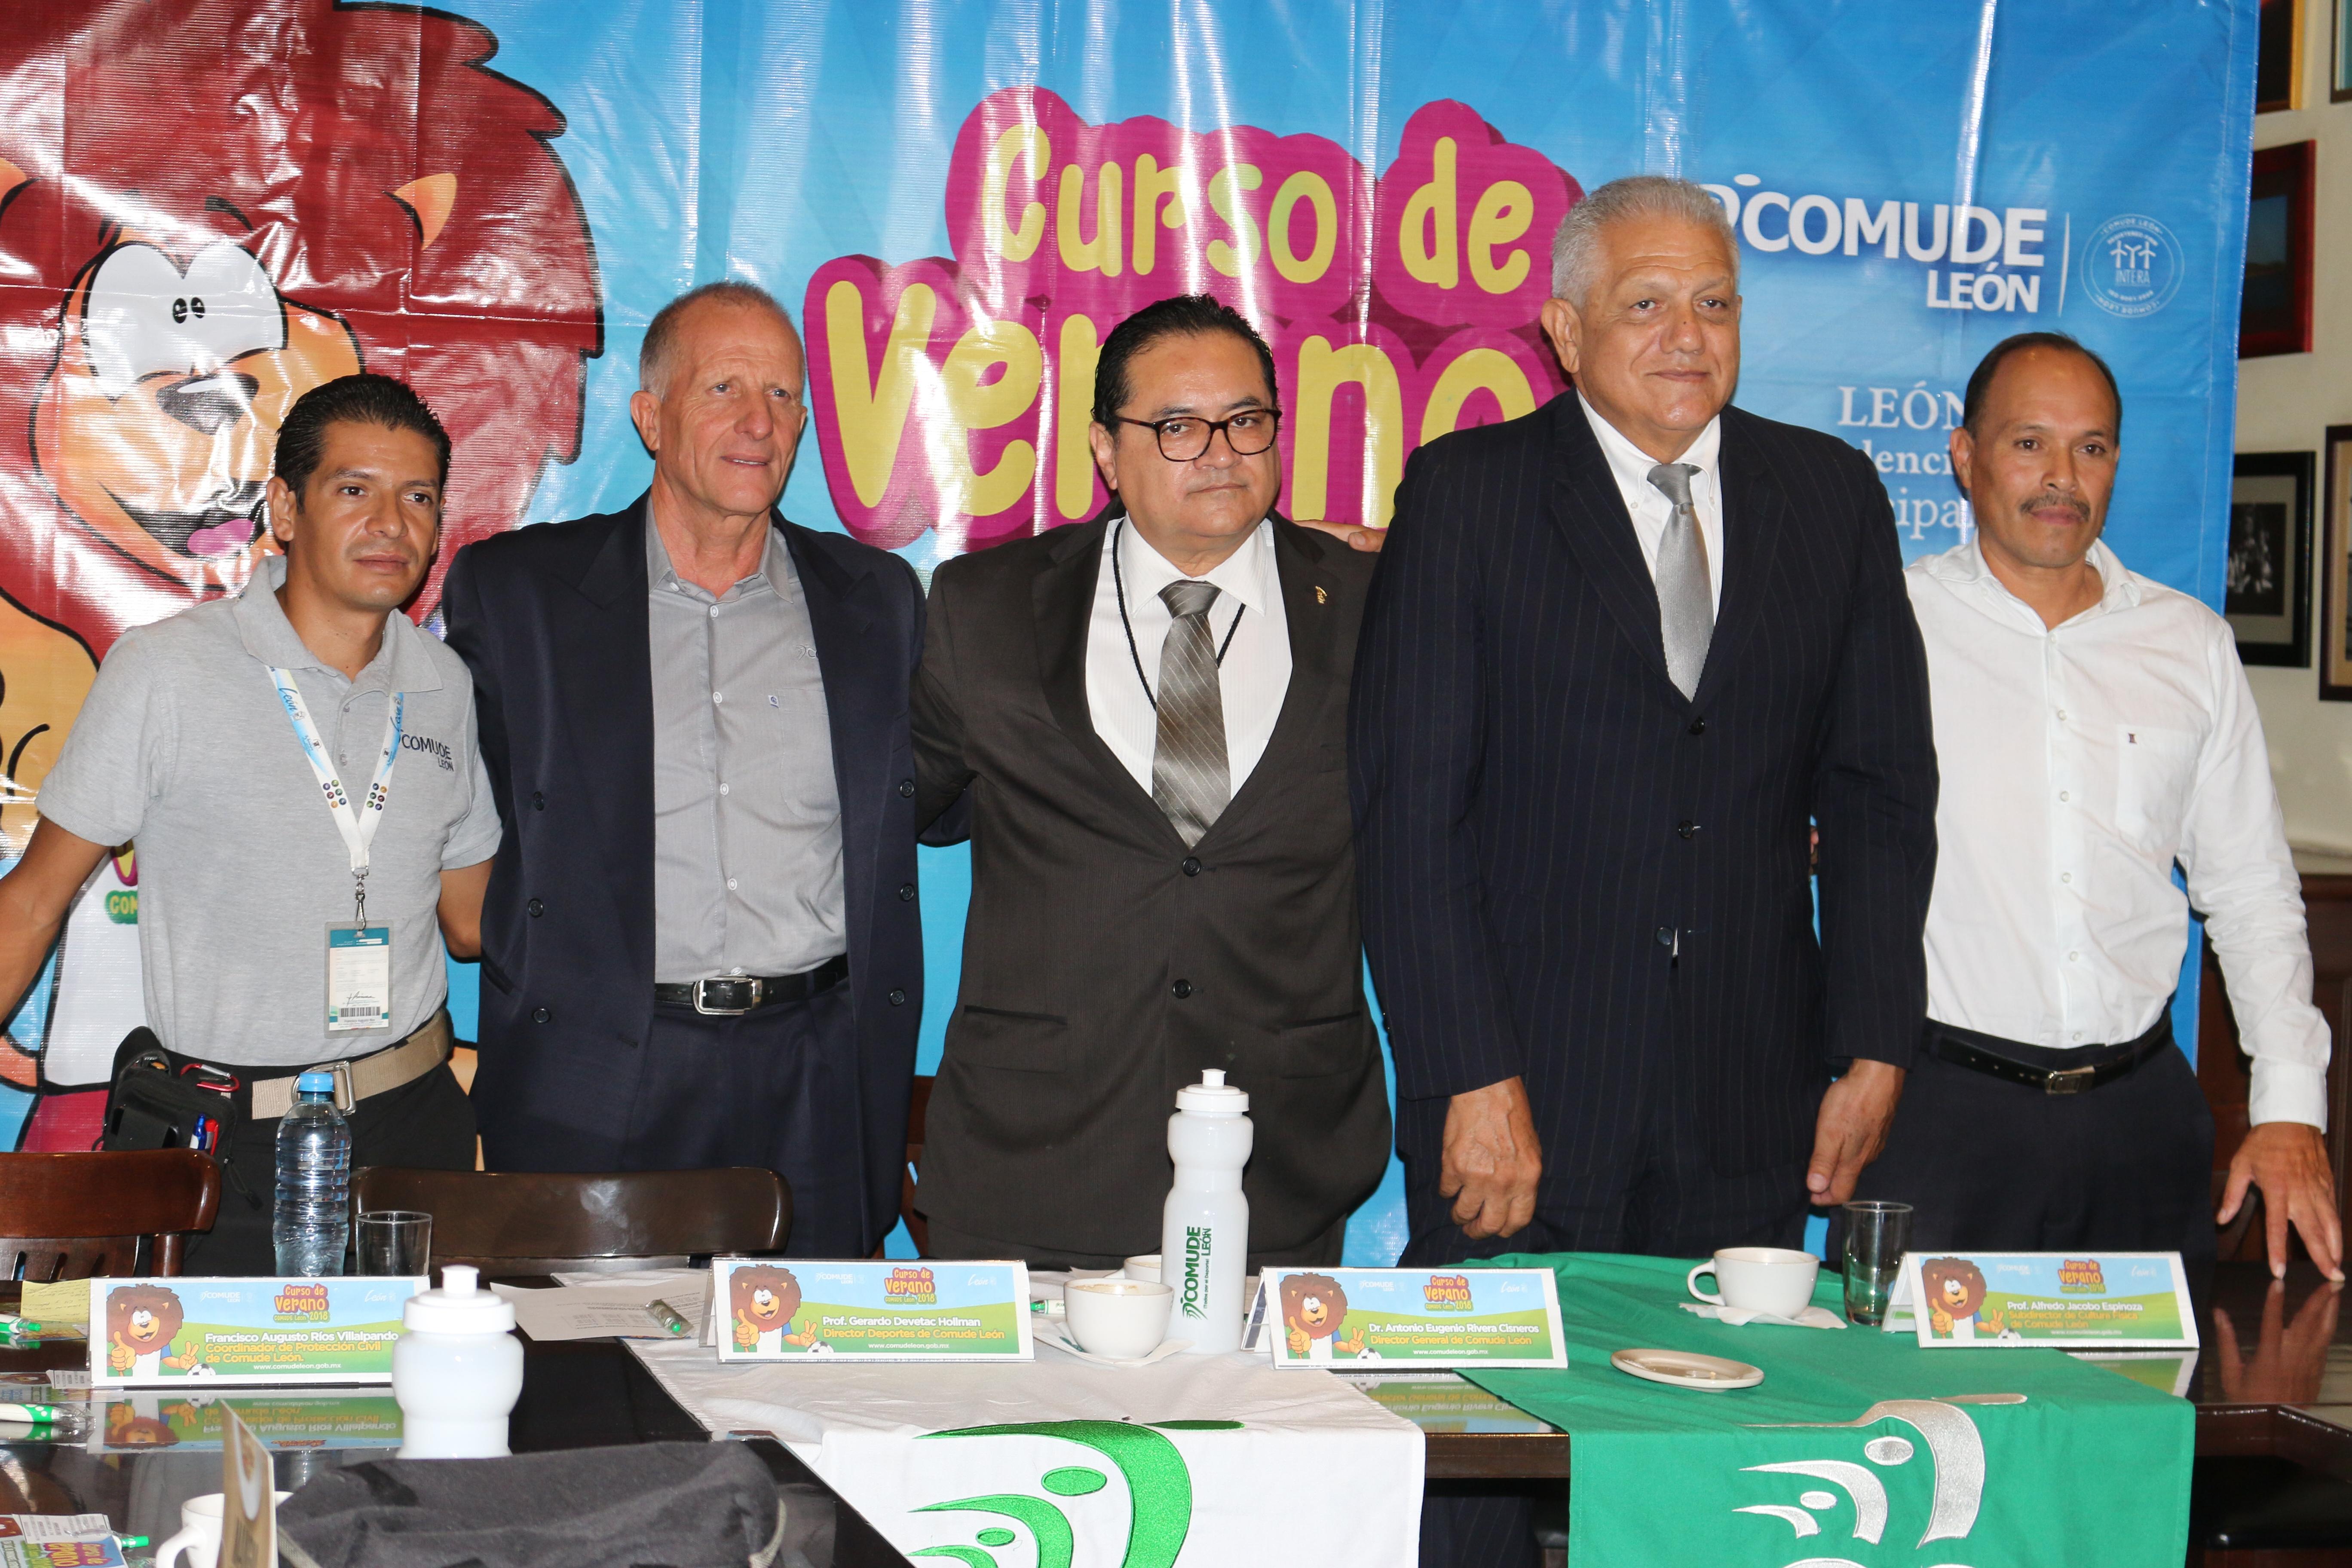 Llegan los Cursos de Verano 2018 a la Comude León